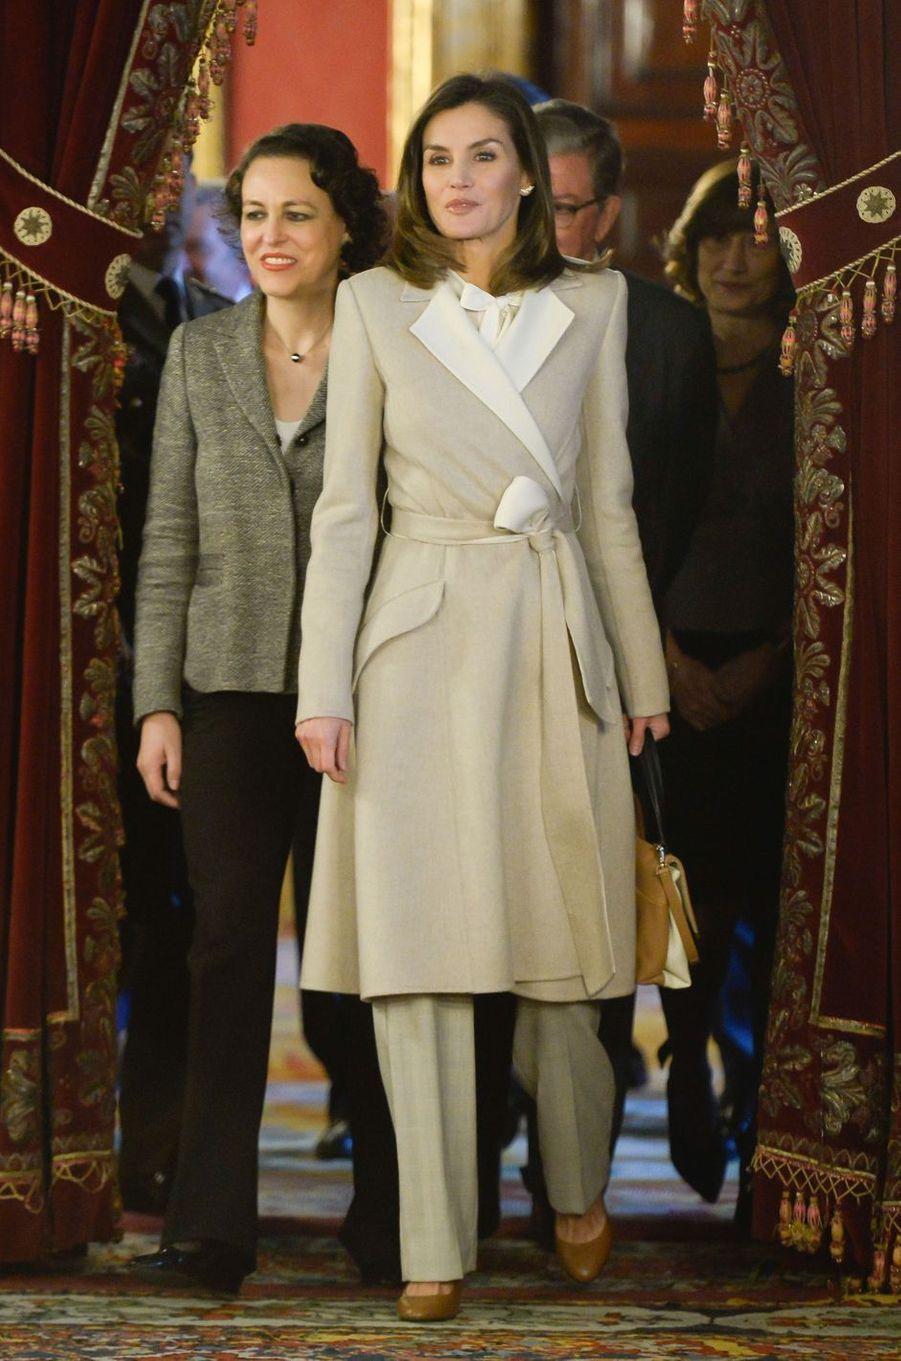 La reine Letizia d'Espagne dans un manteau Carolina Herrera à Madrid, le 29 novembre 2018